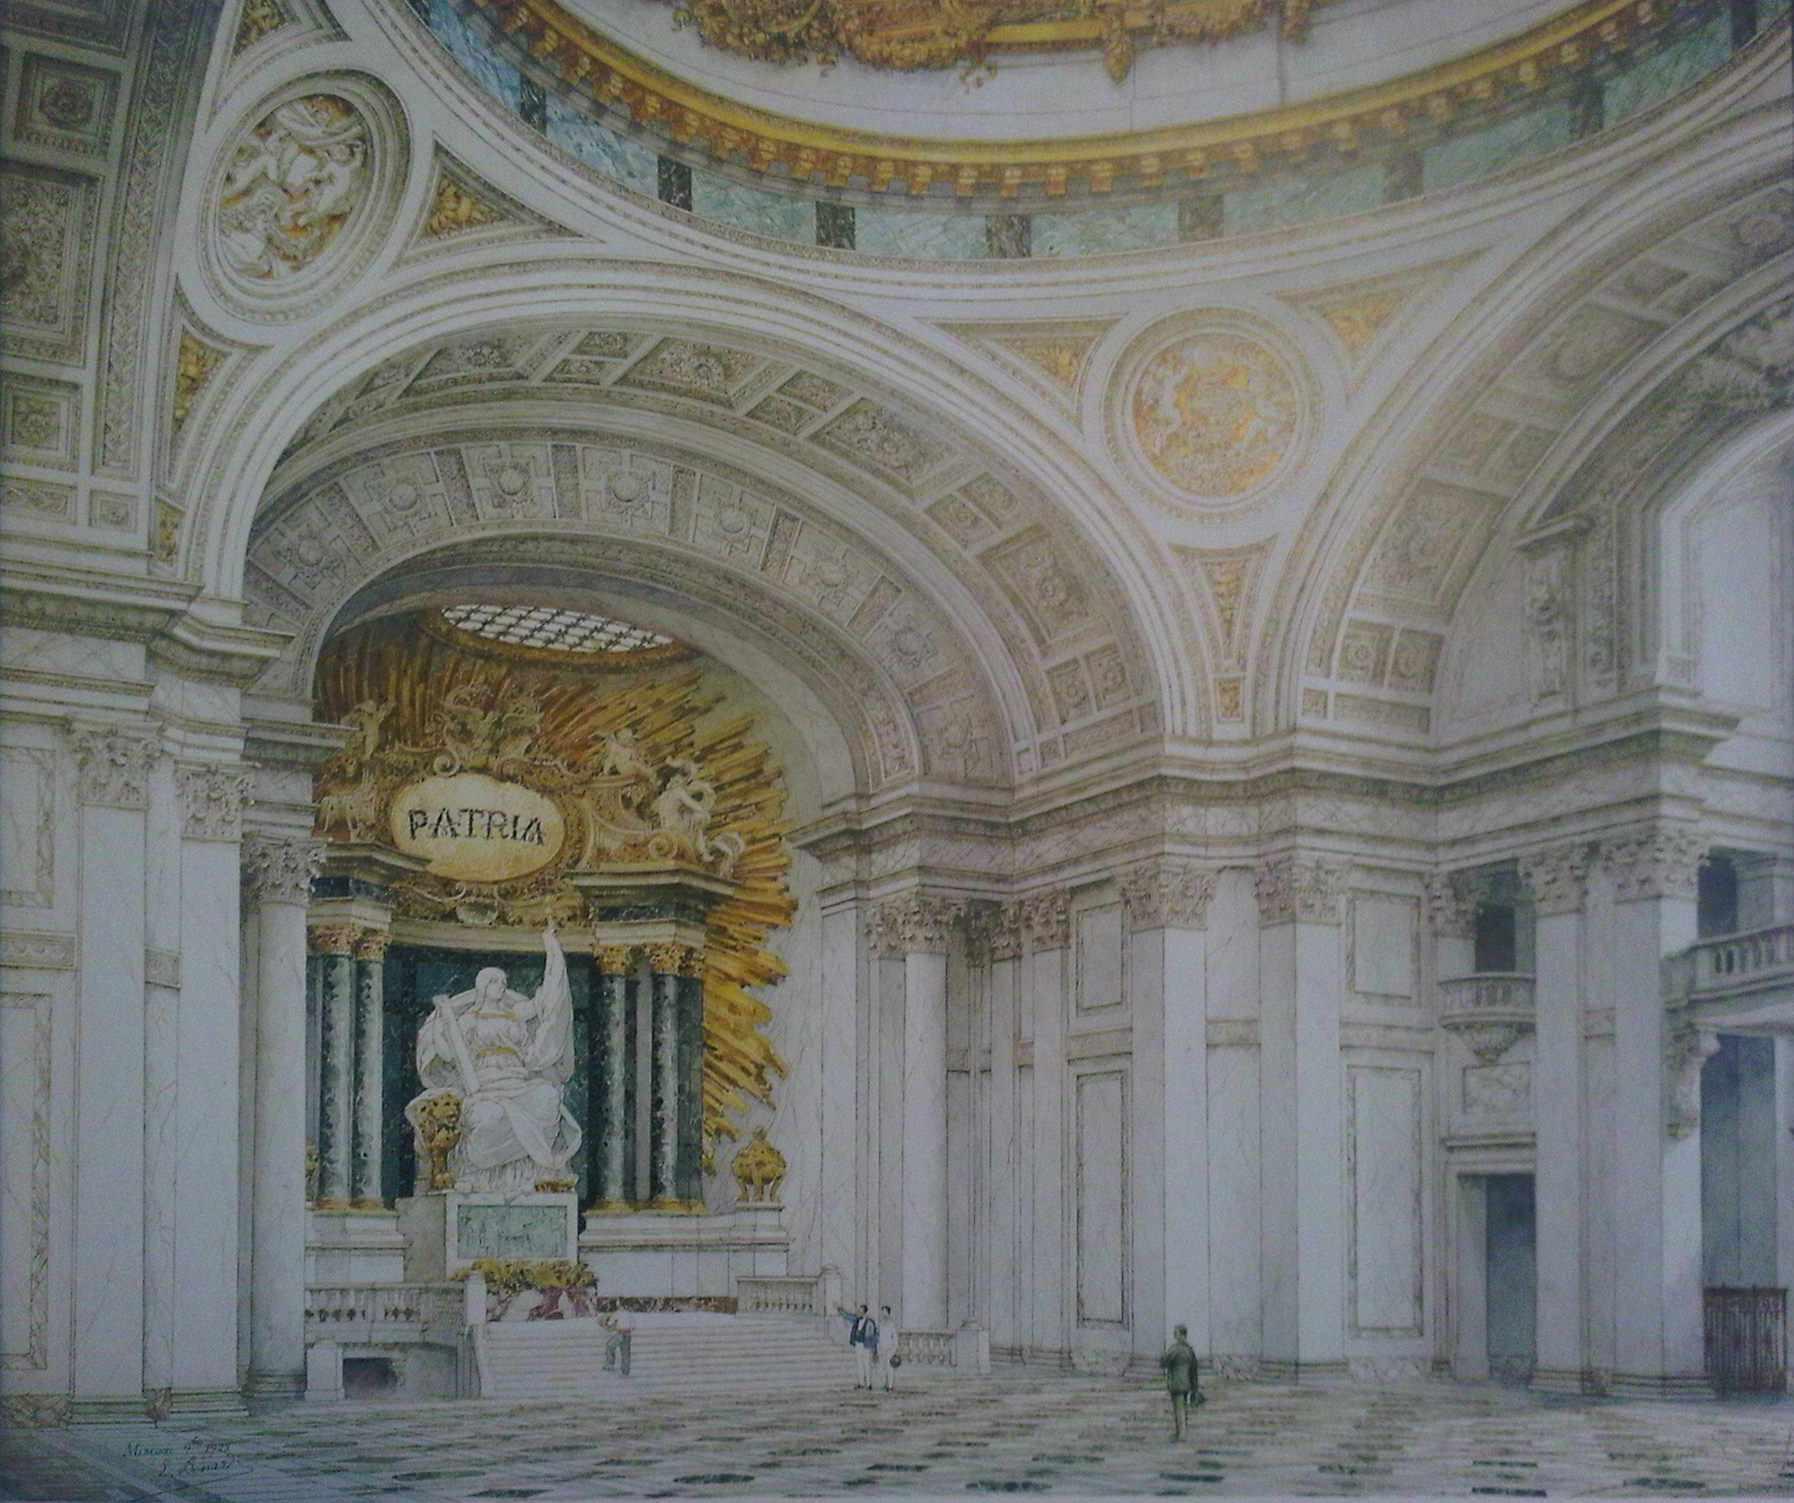 Proyecto de Bérnard para Altar de la Patria en Panteón de los Héroes (1923)-escaneado del libro .jpg